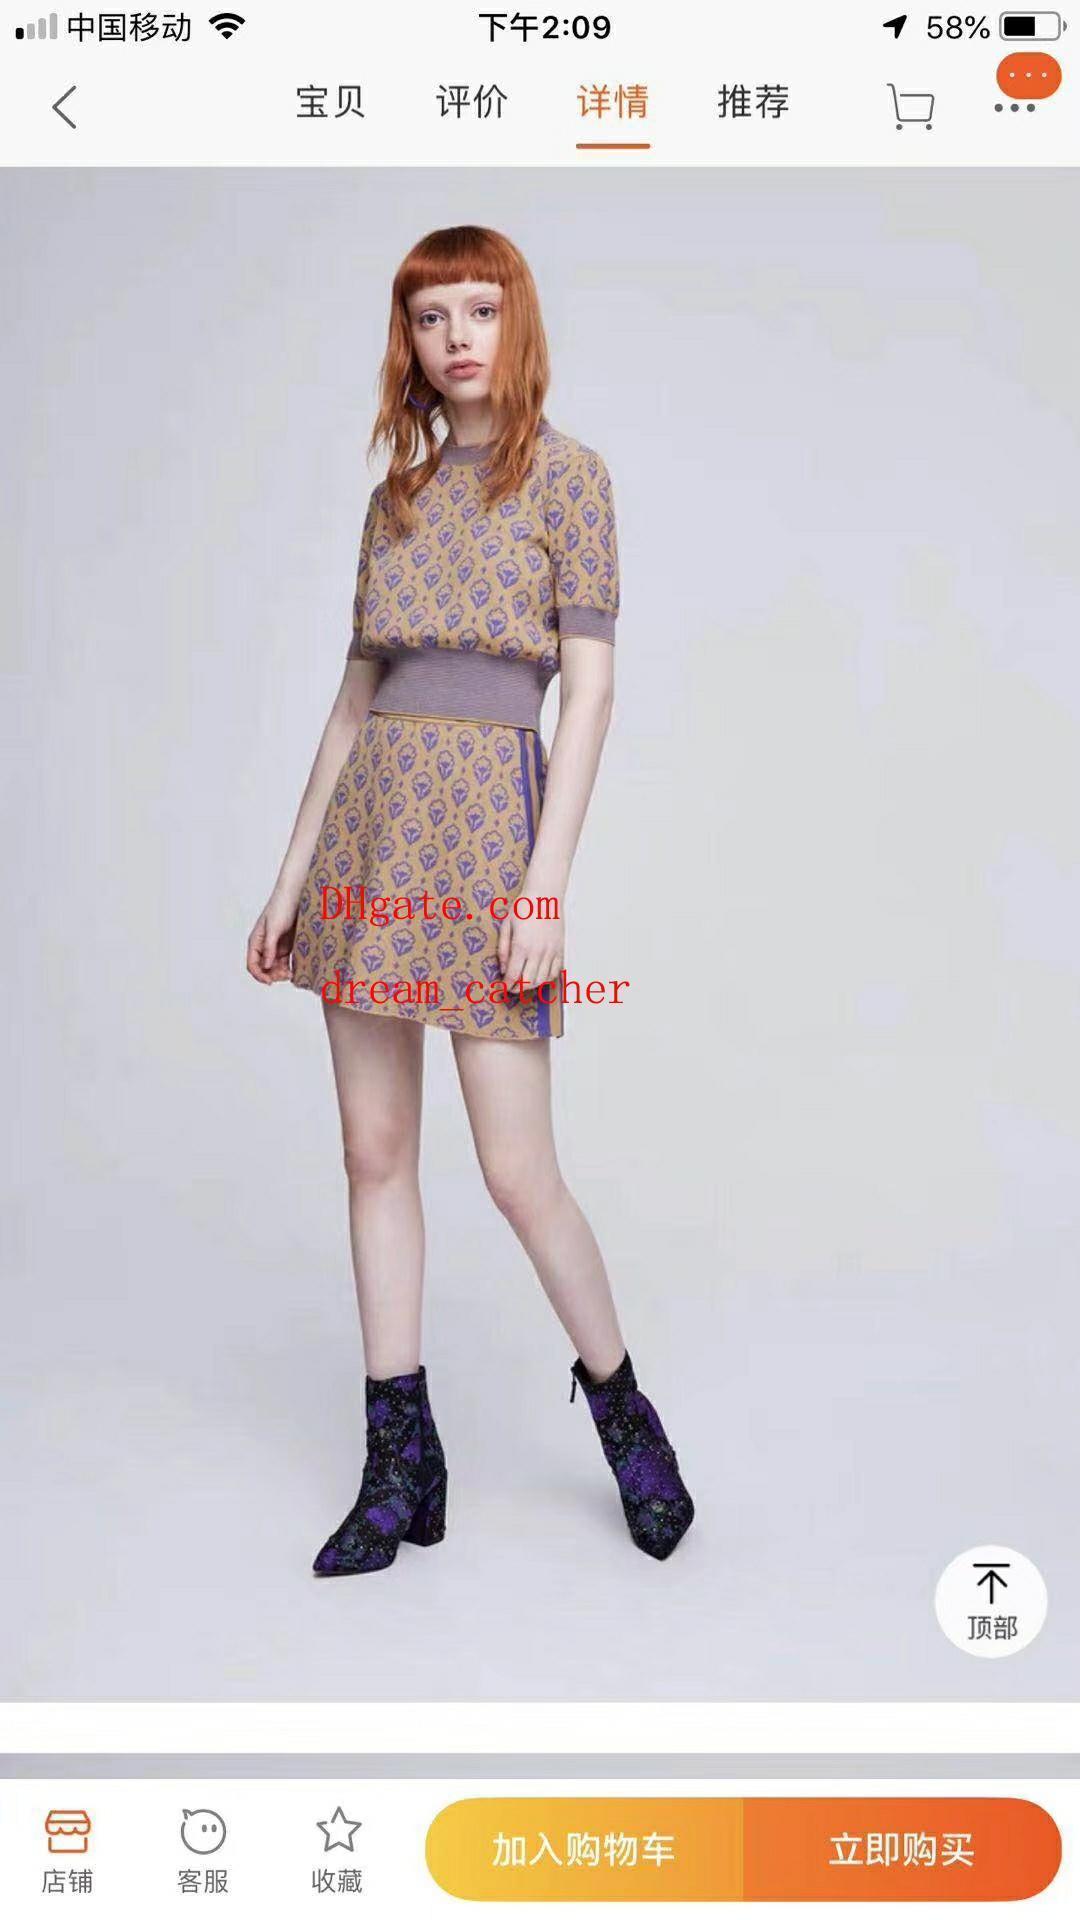 6838312c35cc Compre Vestidos De Verano La Más Nueva Moda Mujer Vestido Casual Tallas  Grandes Marcas Ropa De Mujer Camisetas De Moda Ropa De Mujer Ropa De Mujer  Fd 60 A ...